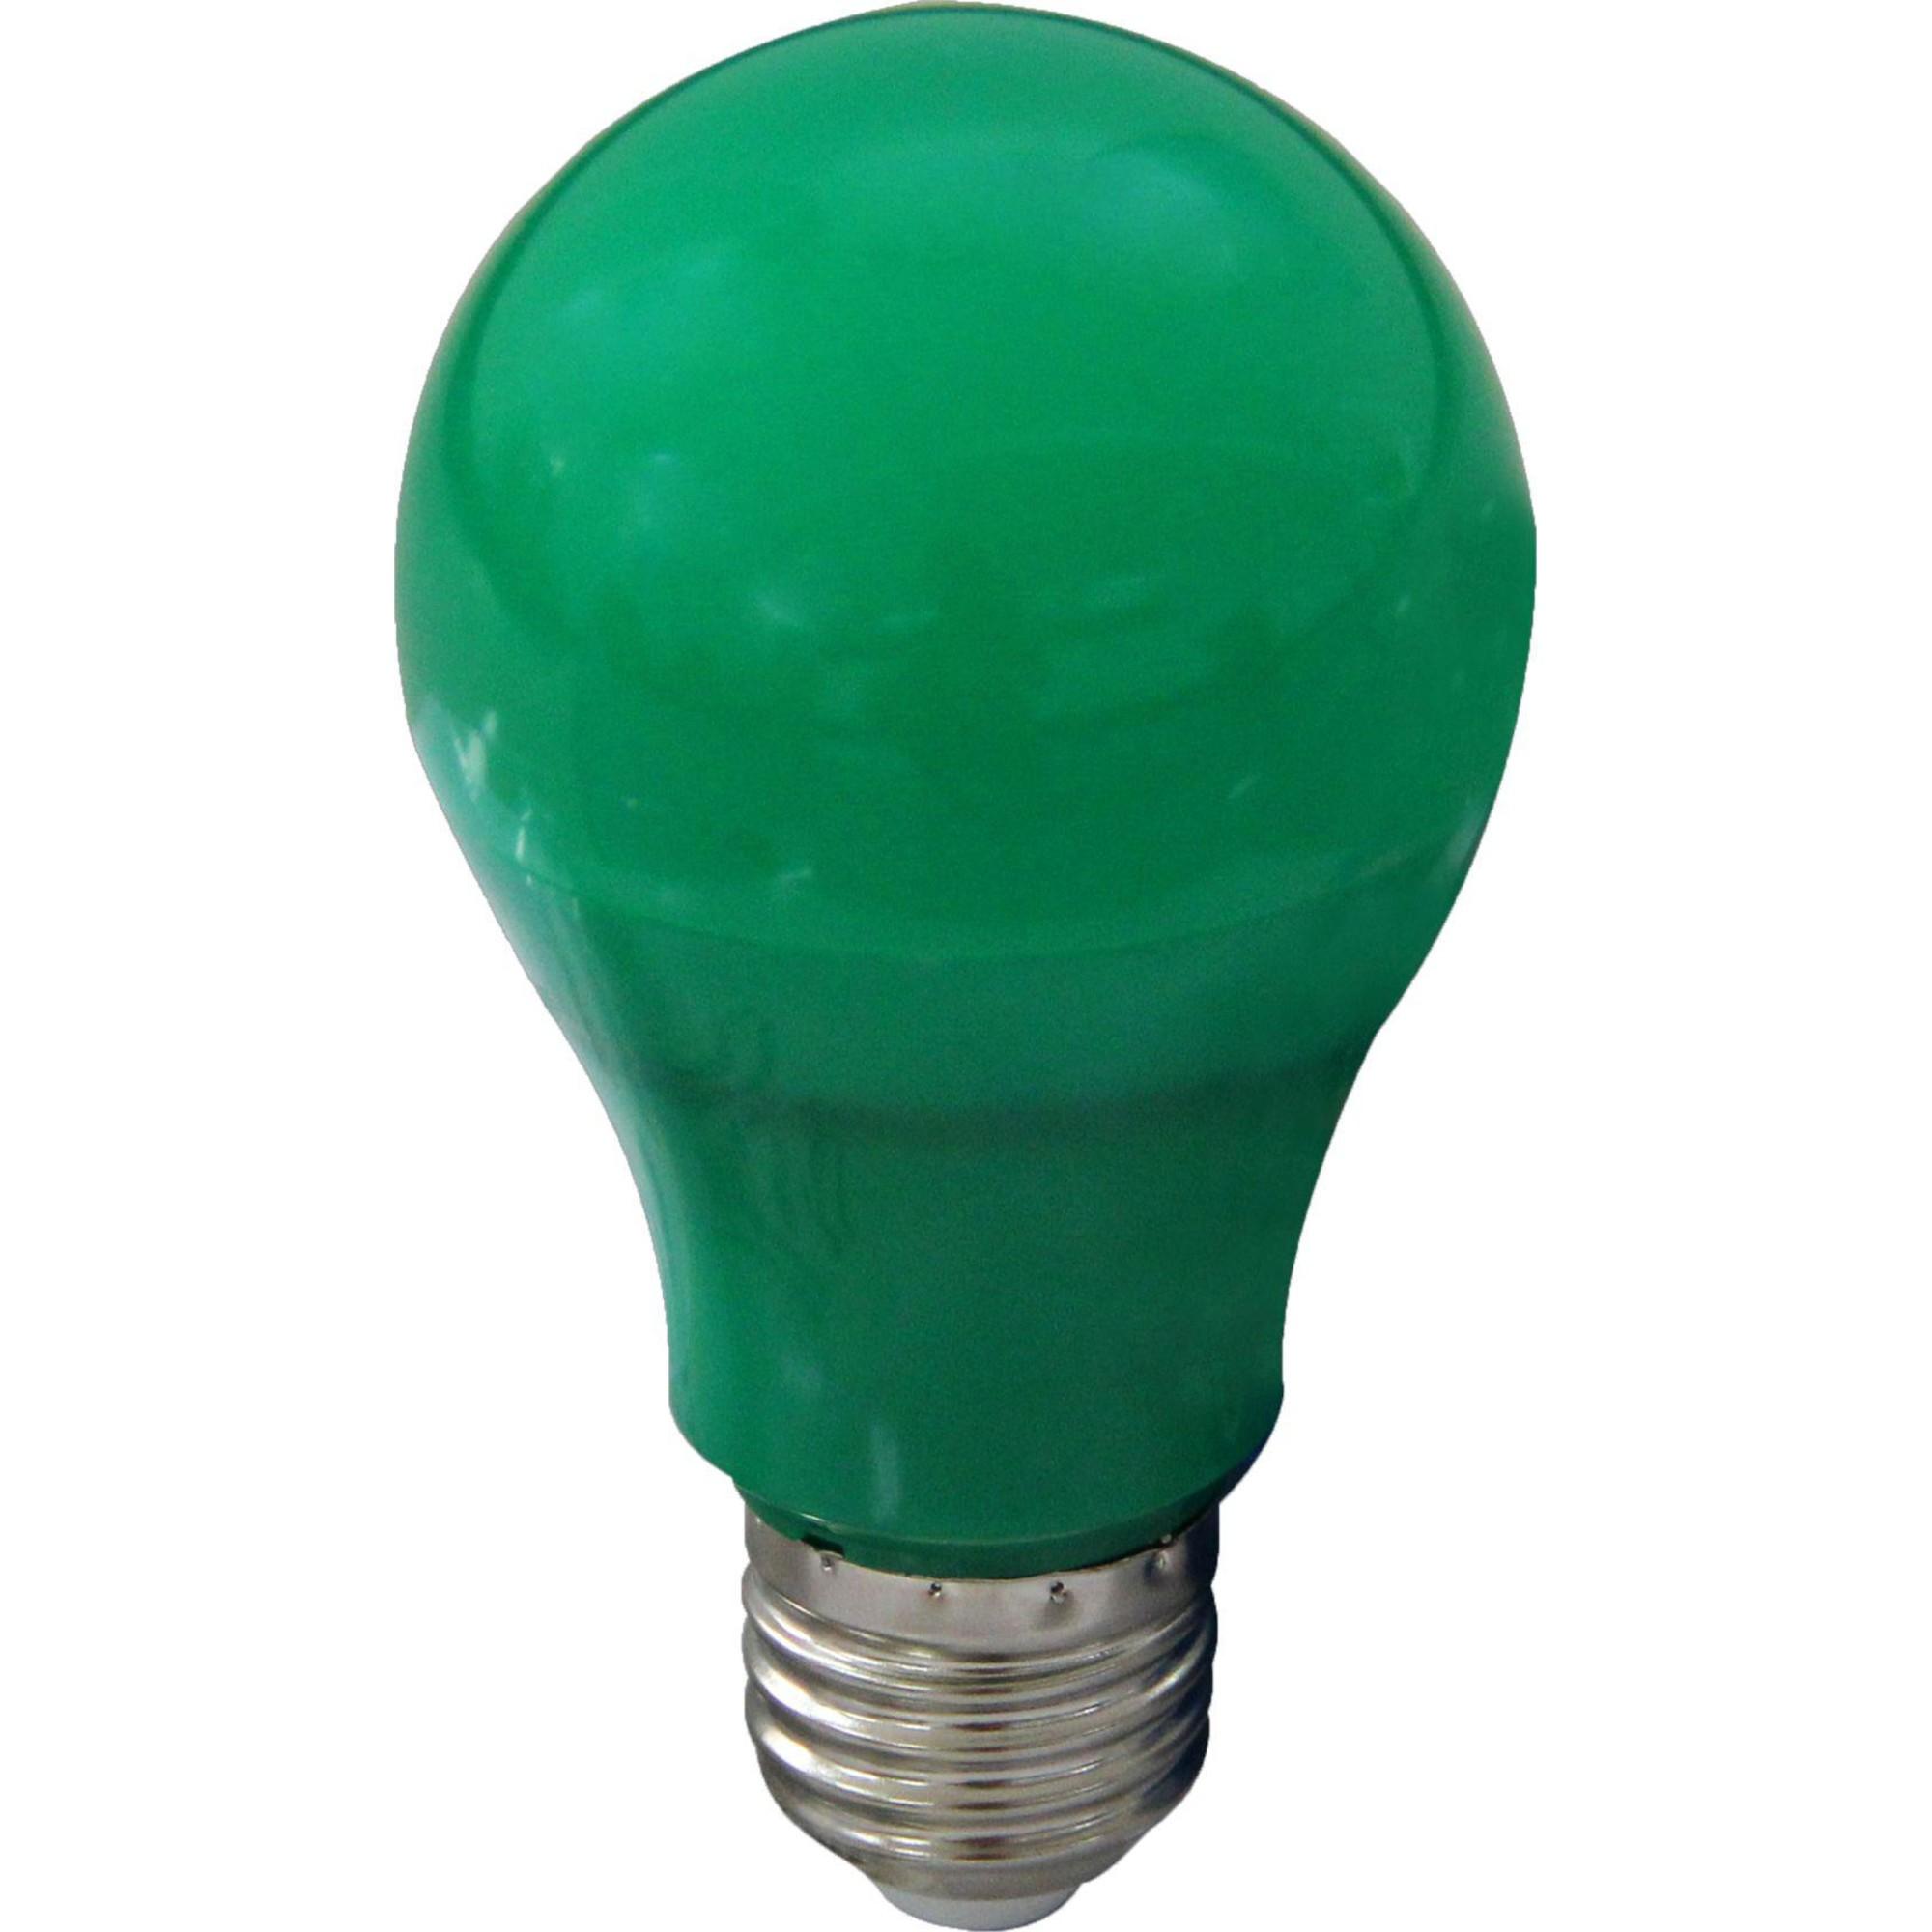 Лампа Ecola стандарт светодионая E27 12 Вт груша Лм нейтральный свет